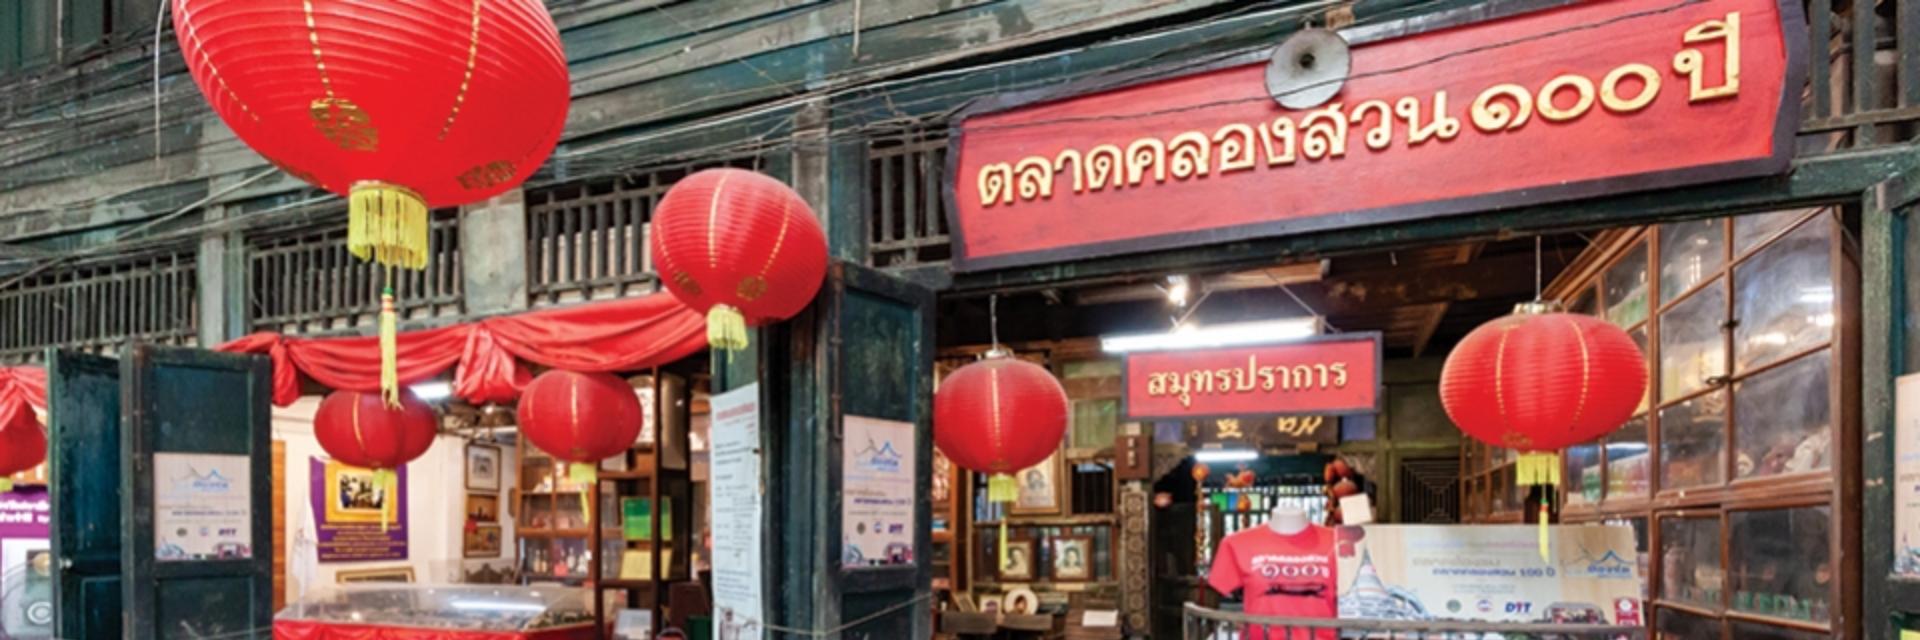 ตลาดคลองสวน 100 ปี ฉะเชิงเทรา ของกินอร่อย ของฝากหลากหลาย